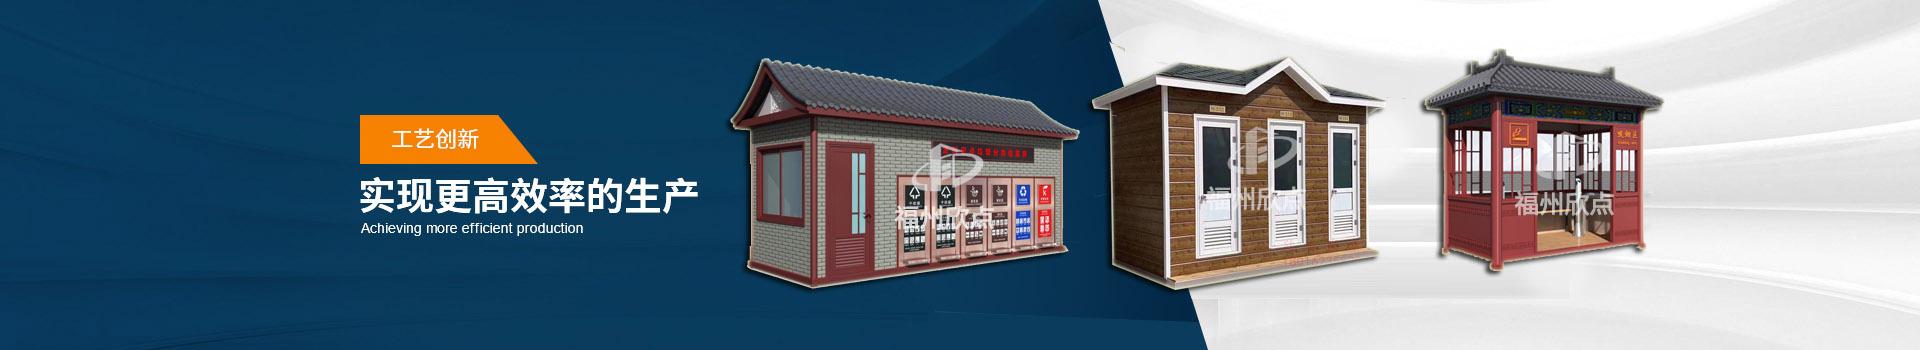 福州欣点-专业的垃圾房、吸烟亭、环保厕所、警务岗亭、保安岗亭、售货亭源头生产厂家